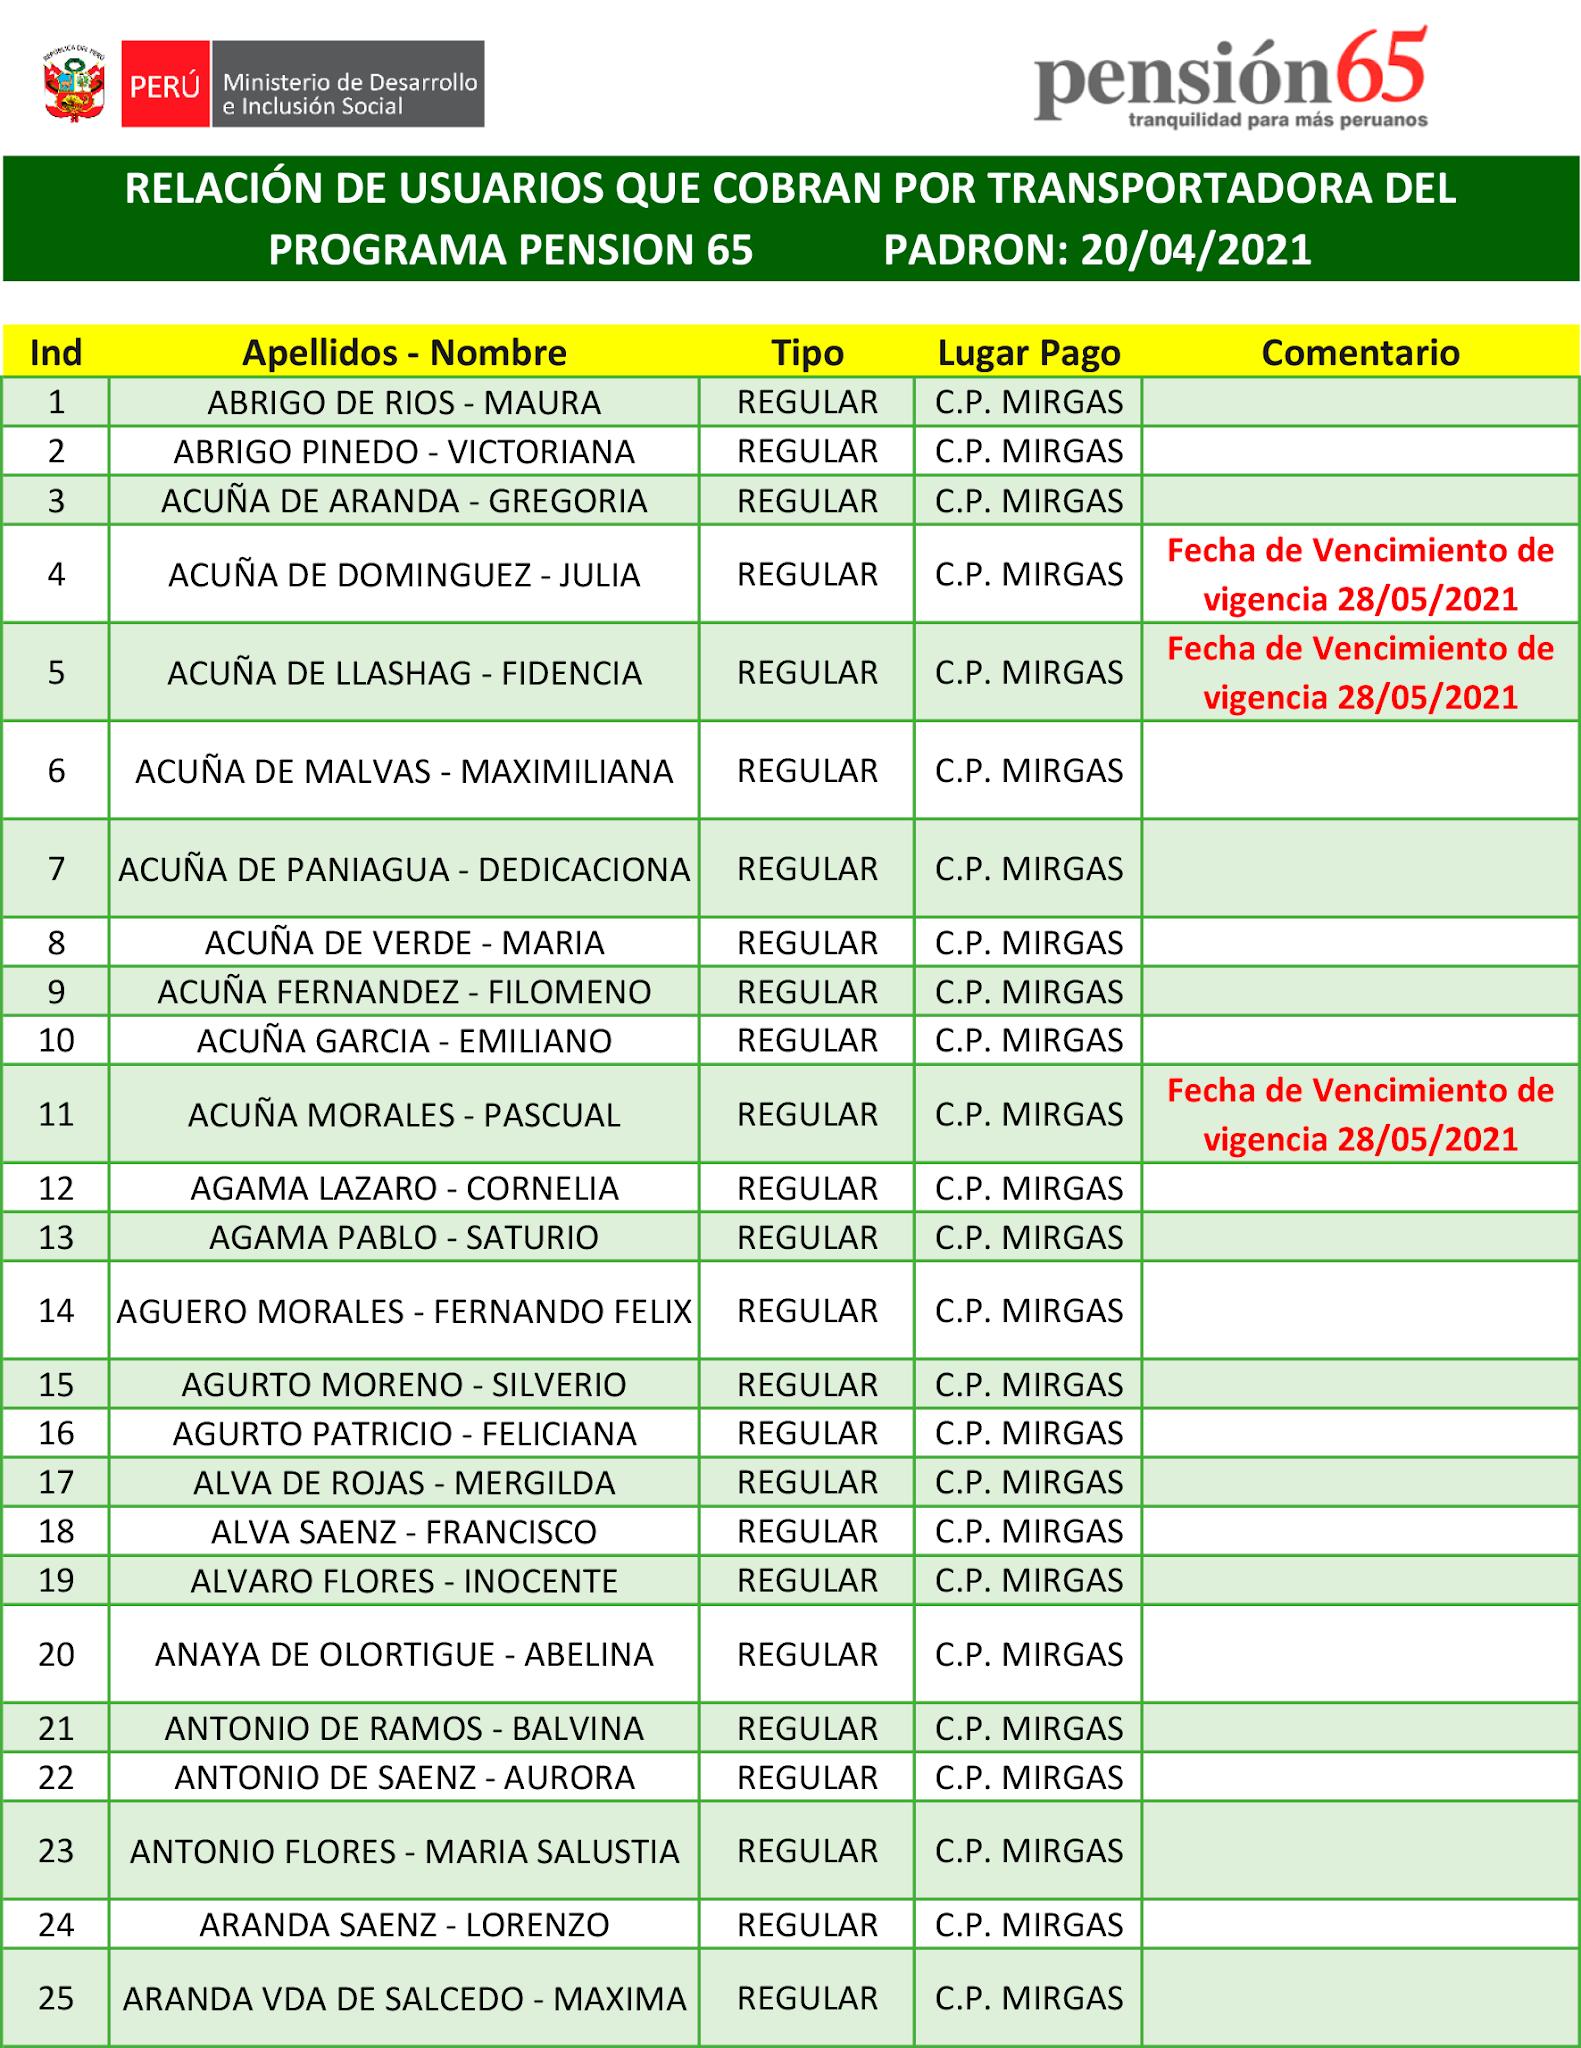 �RELACIÓN DE USUARIOS QUE COBRAN POR TRANSPORTADORA DEL PROGRAMA PENSIÓN 65